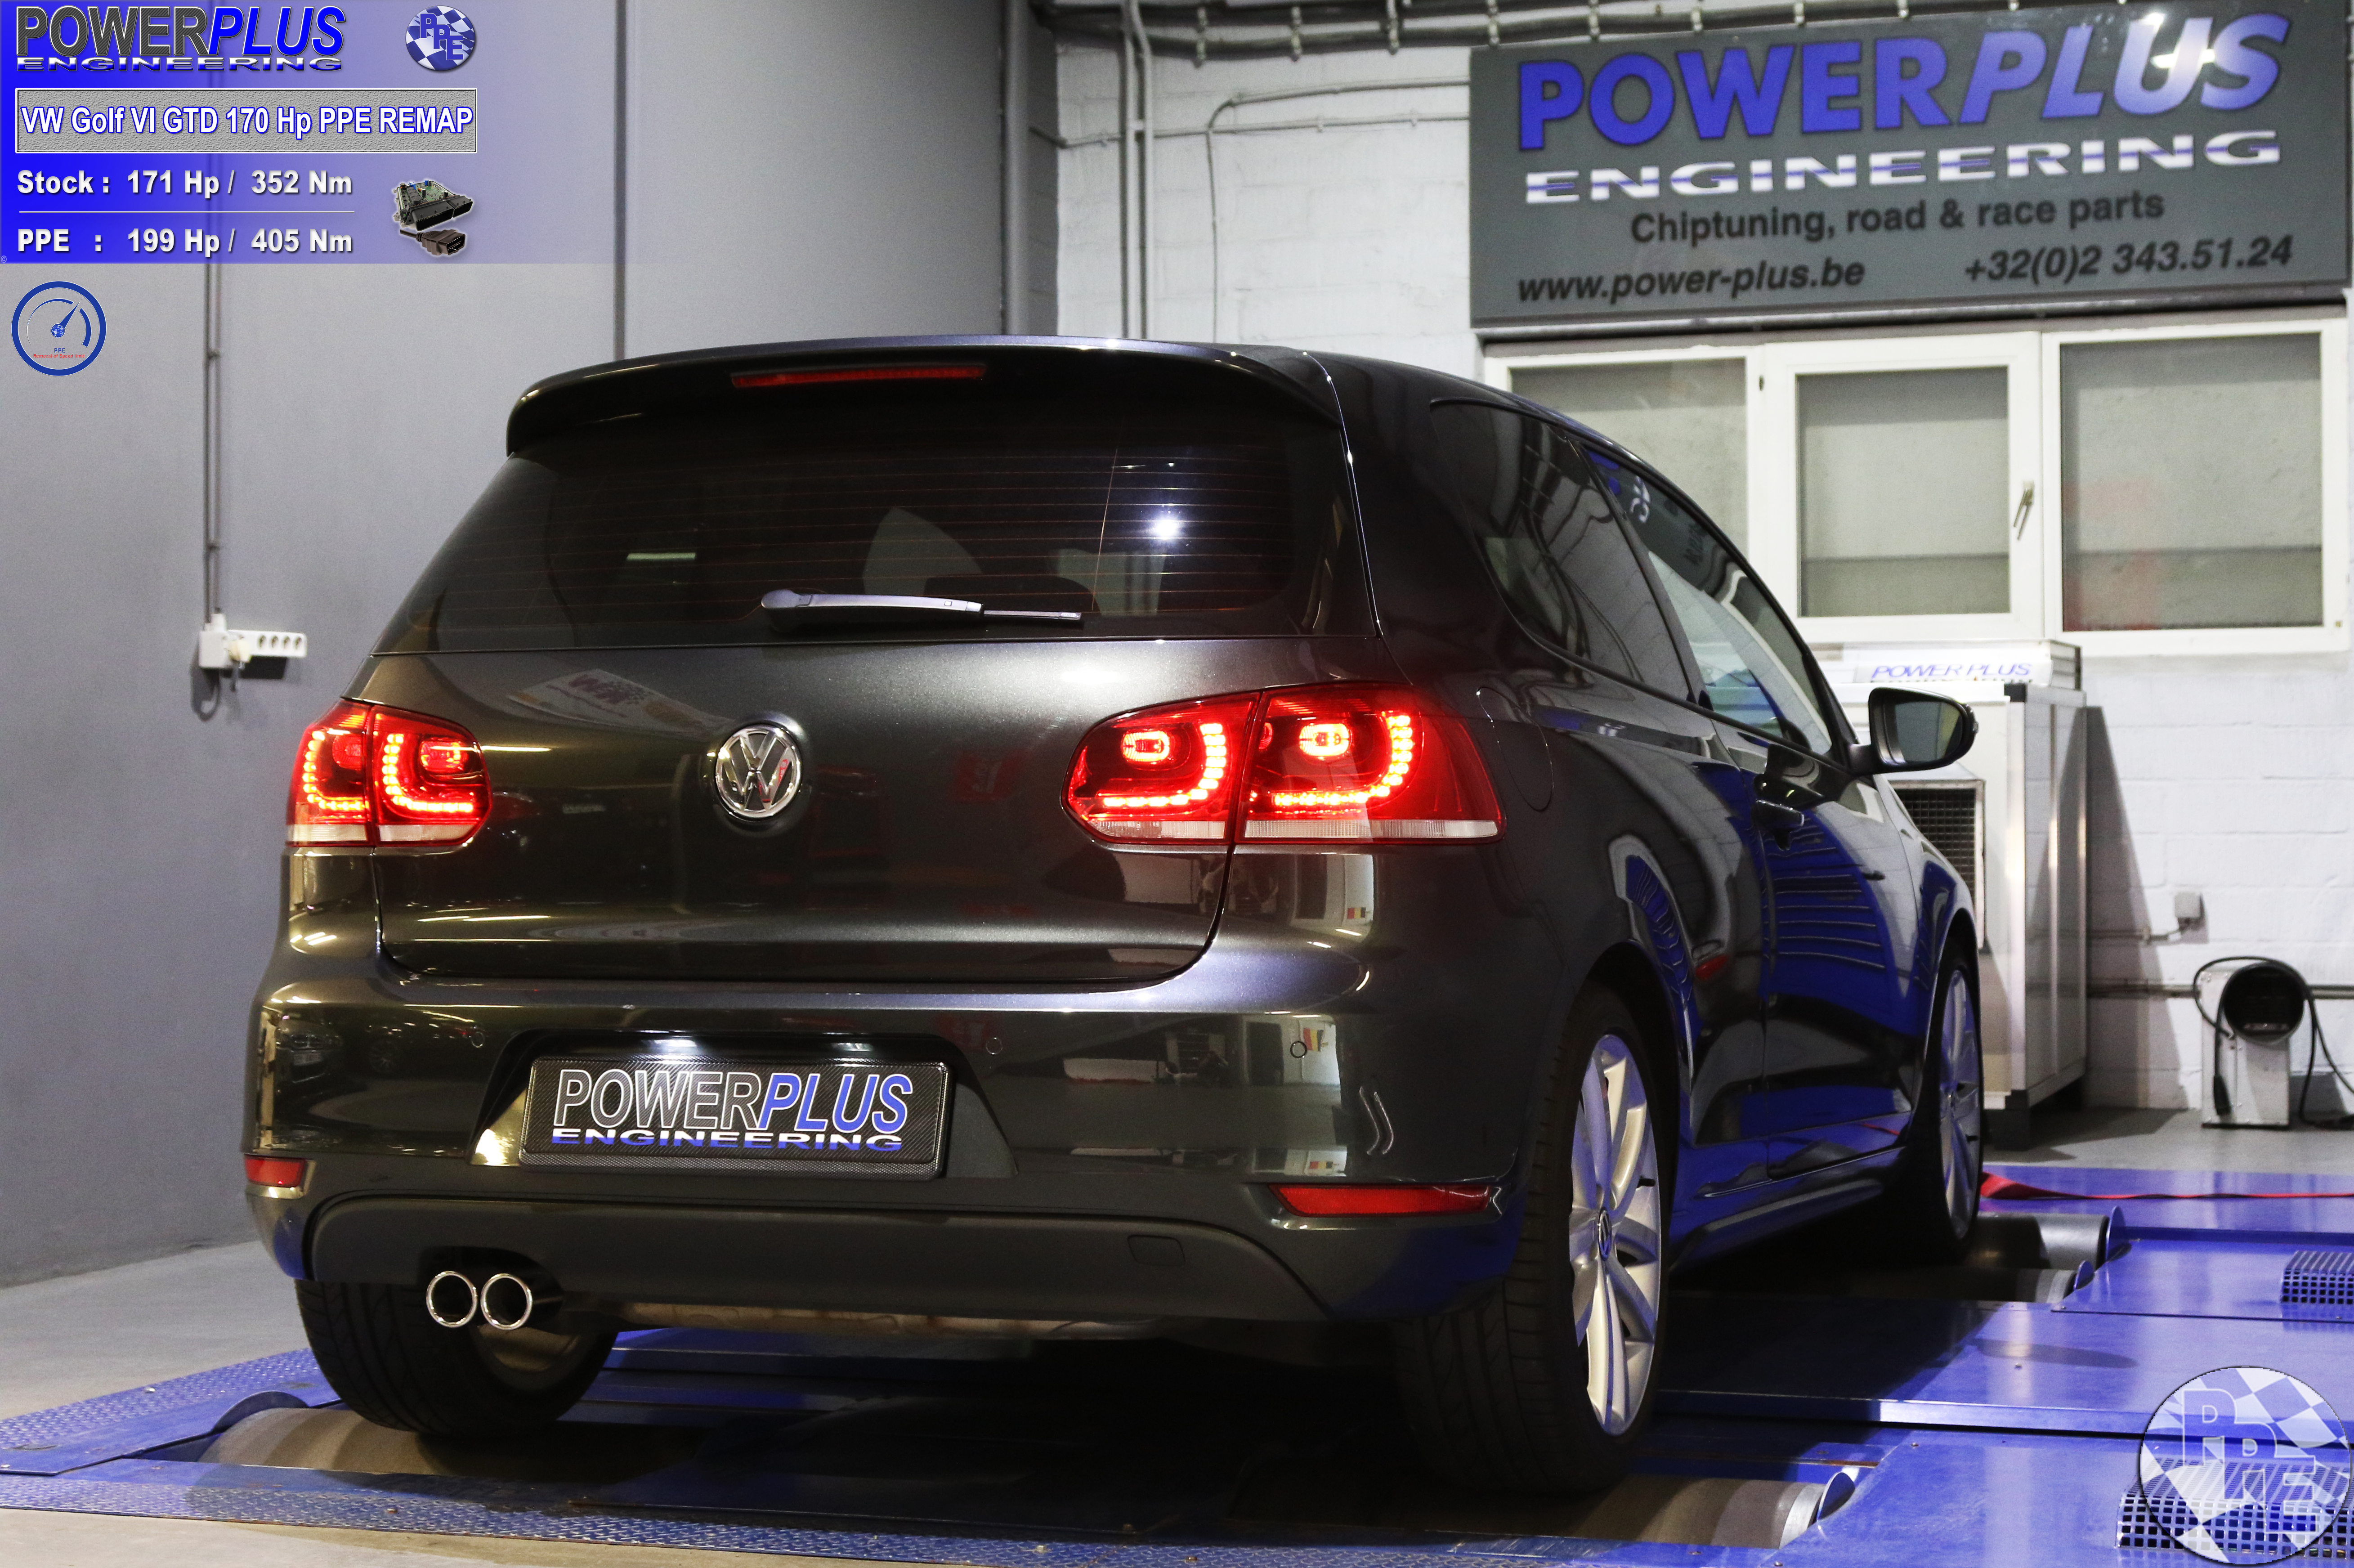 VW GOLF VI GTD 170 Hp | Power Plus Engineering